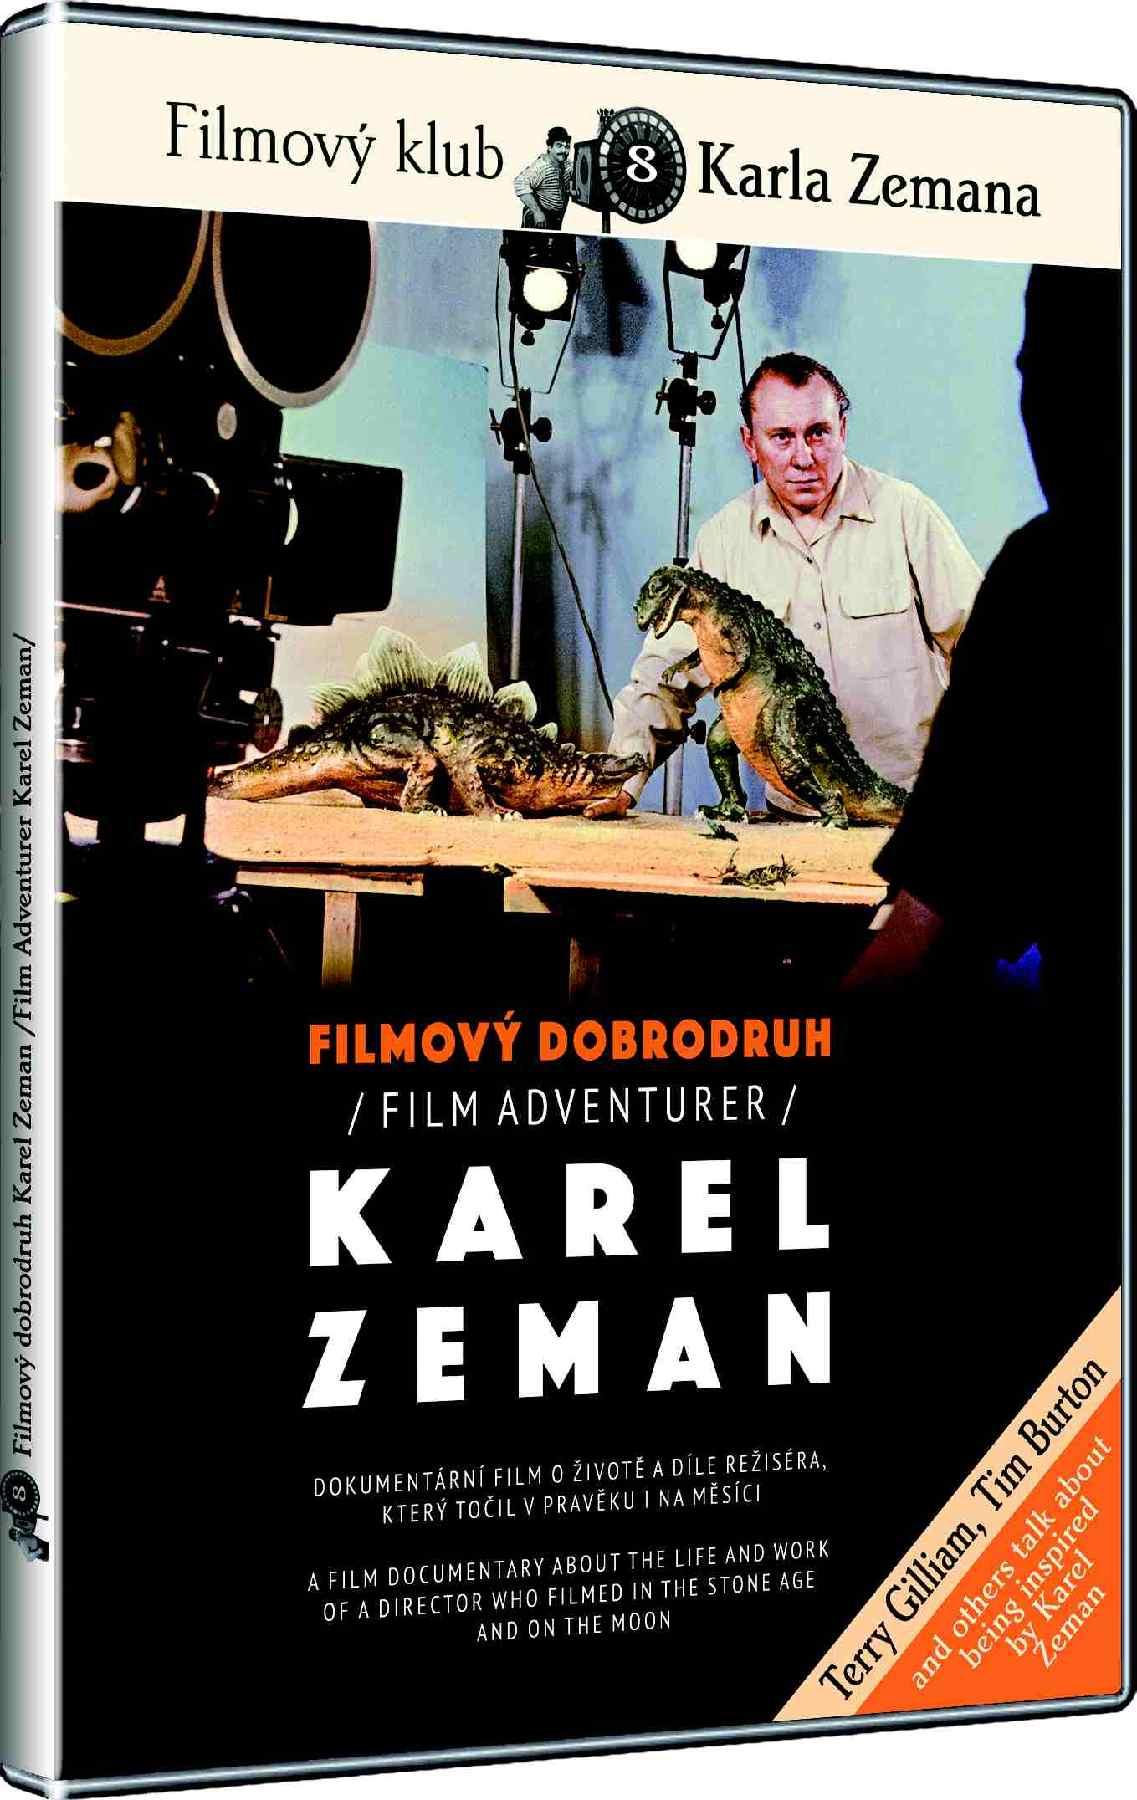 FILMOVÝ DOBRODRUH KAREL ZEMAN - DVD